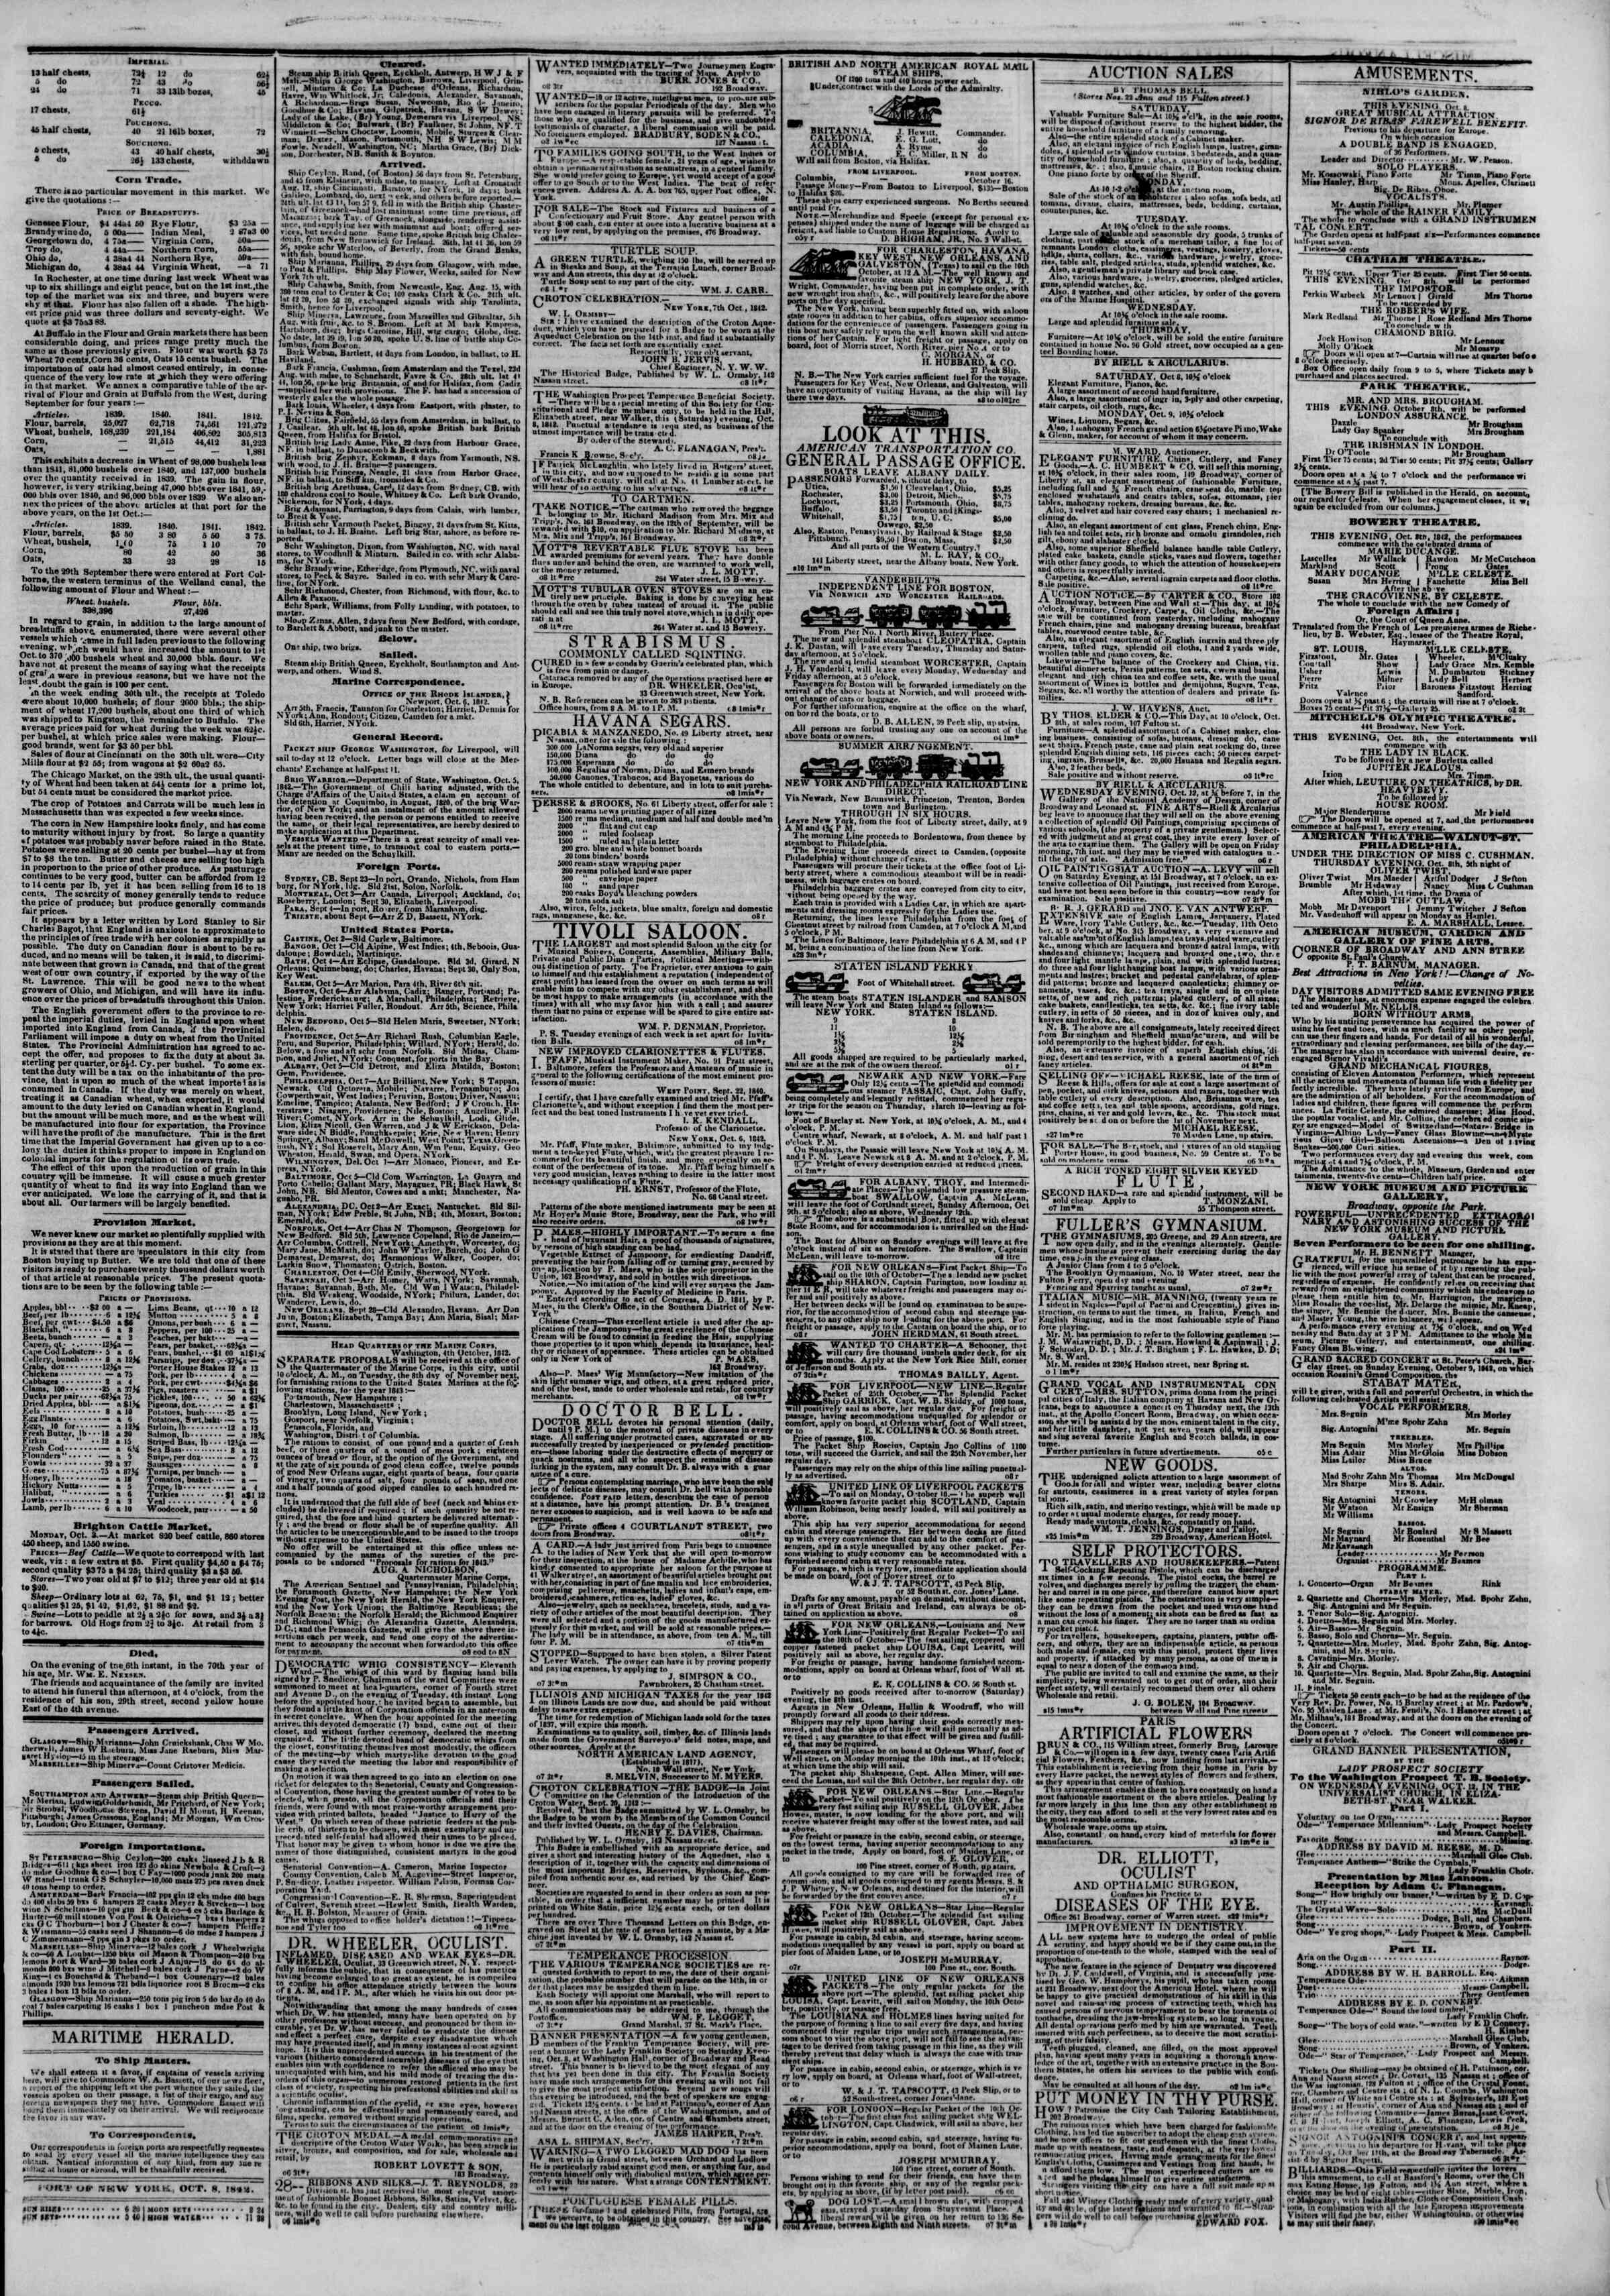 October 8, 1842 Tarihli The New York Herald Gazetesi Sayfa 3